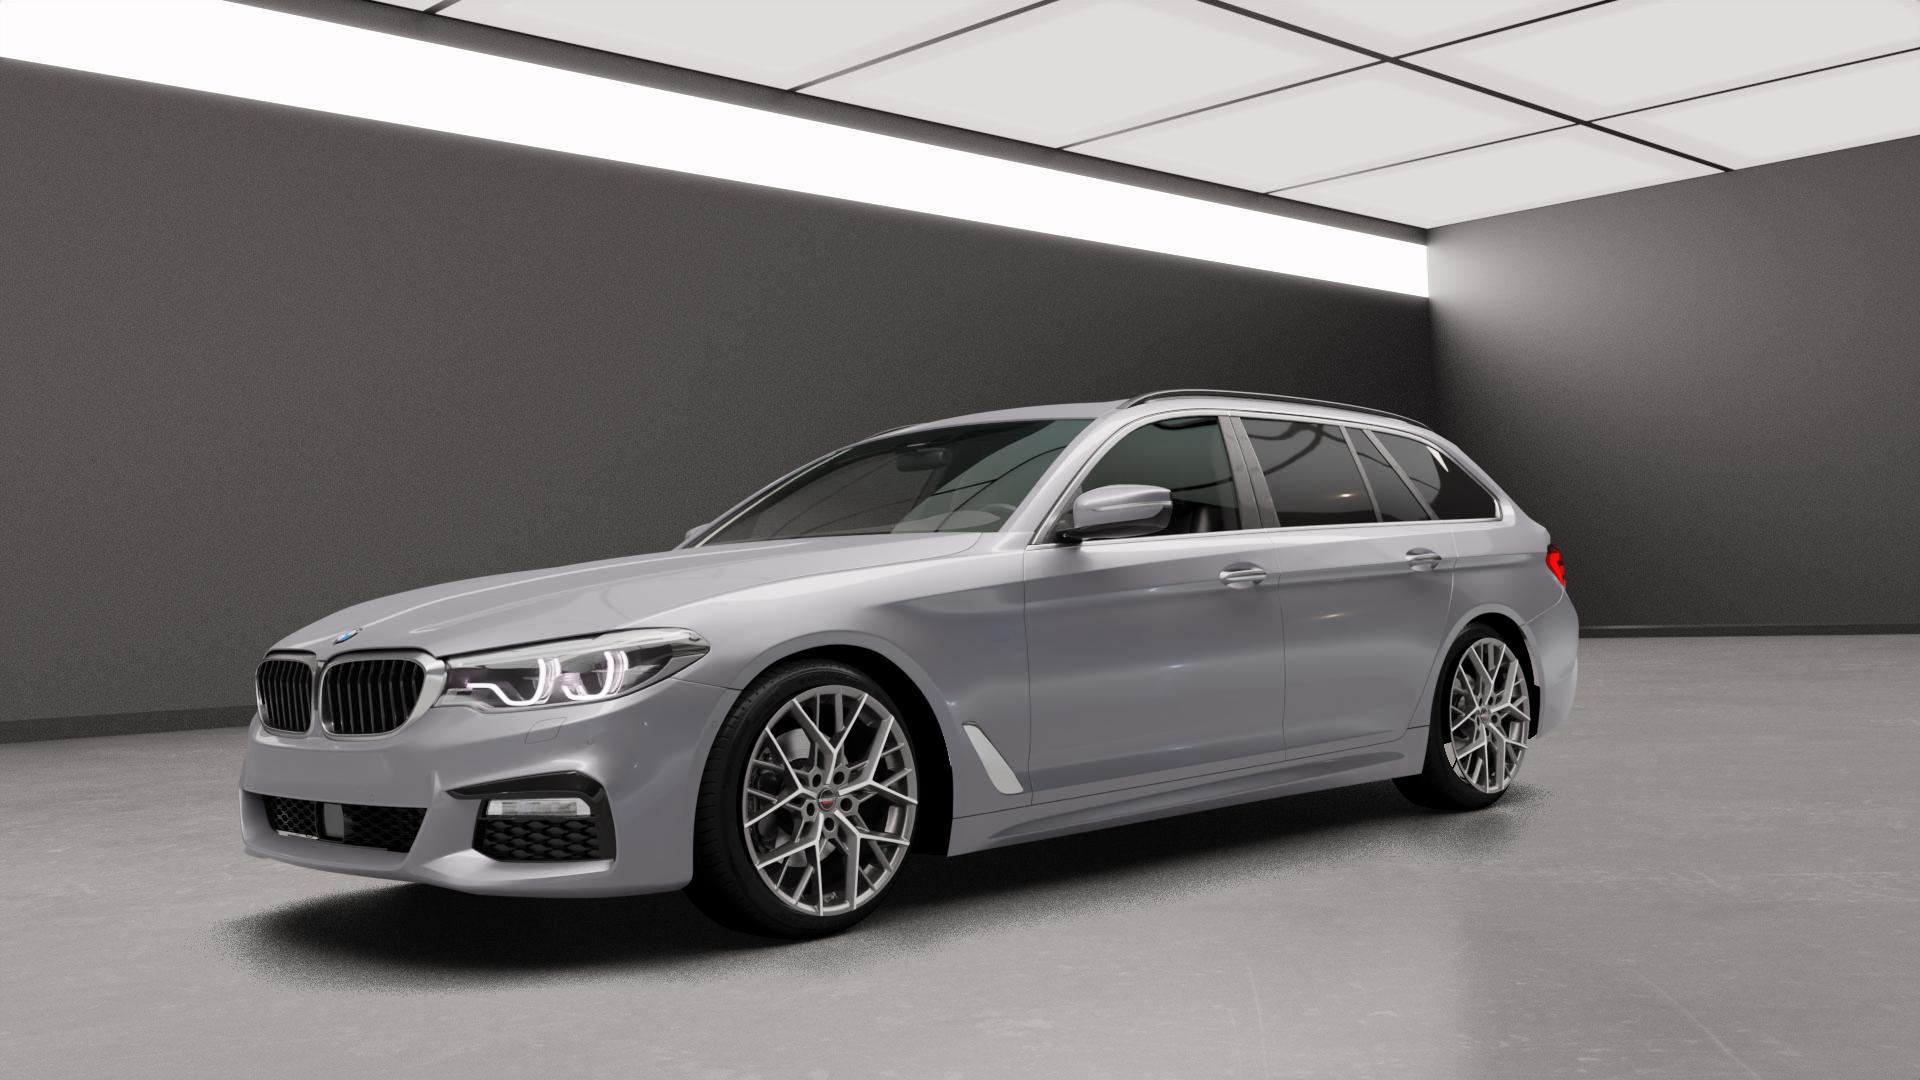 Borbet BY titan polished matt Felge mit Reifen grau in 19Zoll Alufelge auf silbernem BMW 5er G31 Touring (G5K) ⬇️ mit 15mm Tieferlegung ⬇️ Neutral_mid_max5300mm Frontansicht_1